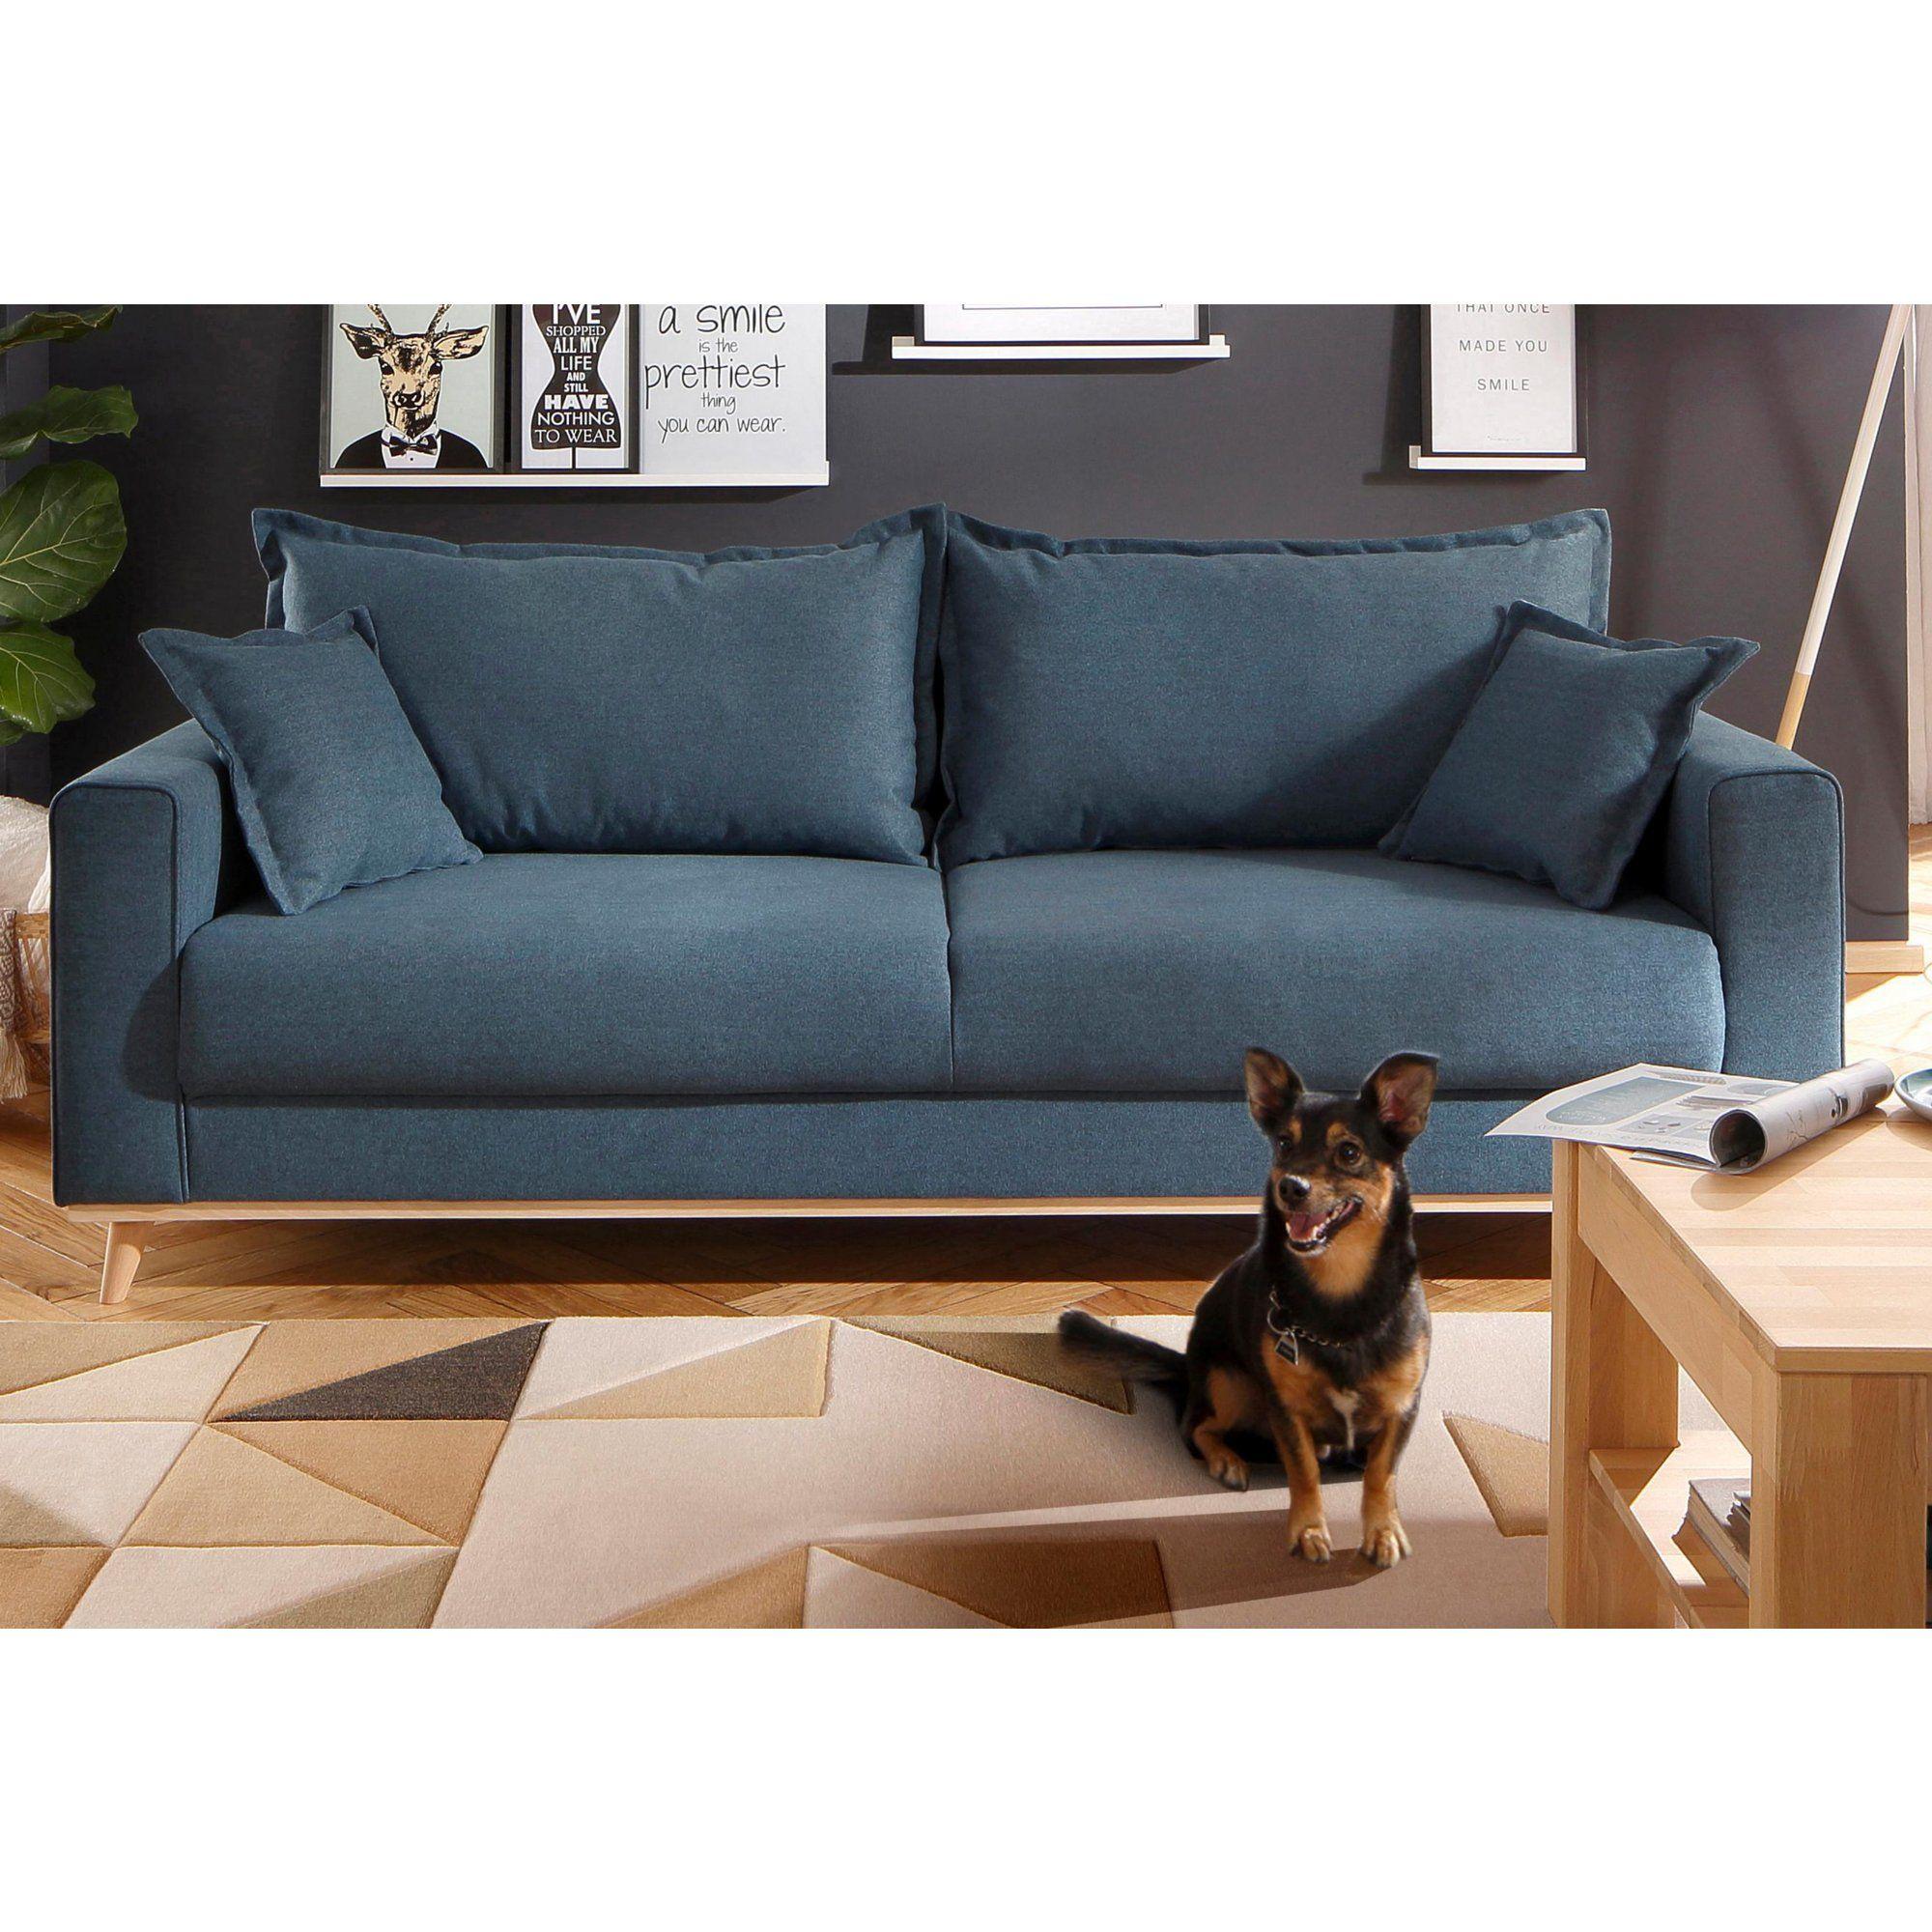 Canapé Places Style Scandinave En Tissu Un Design Scandinave - Canape tres design